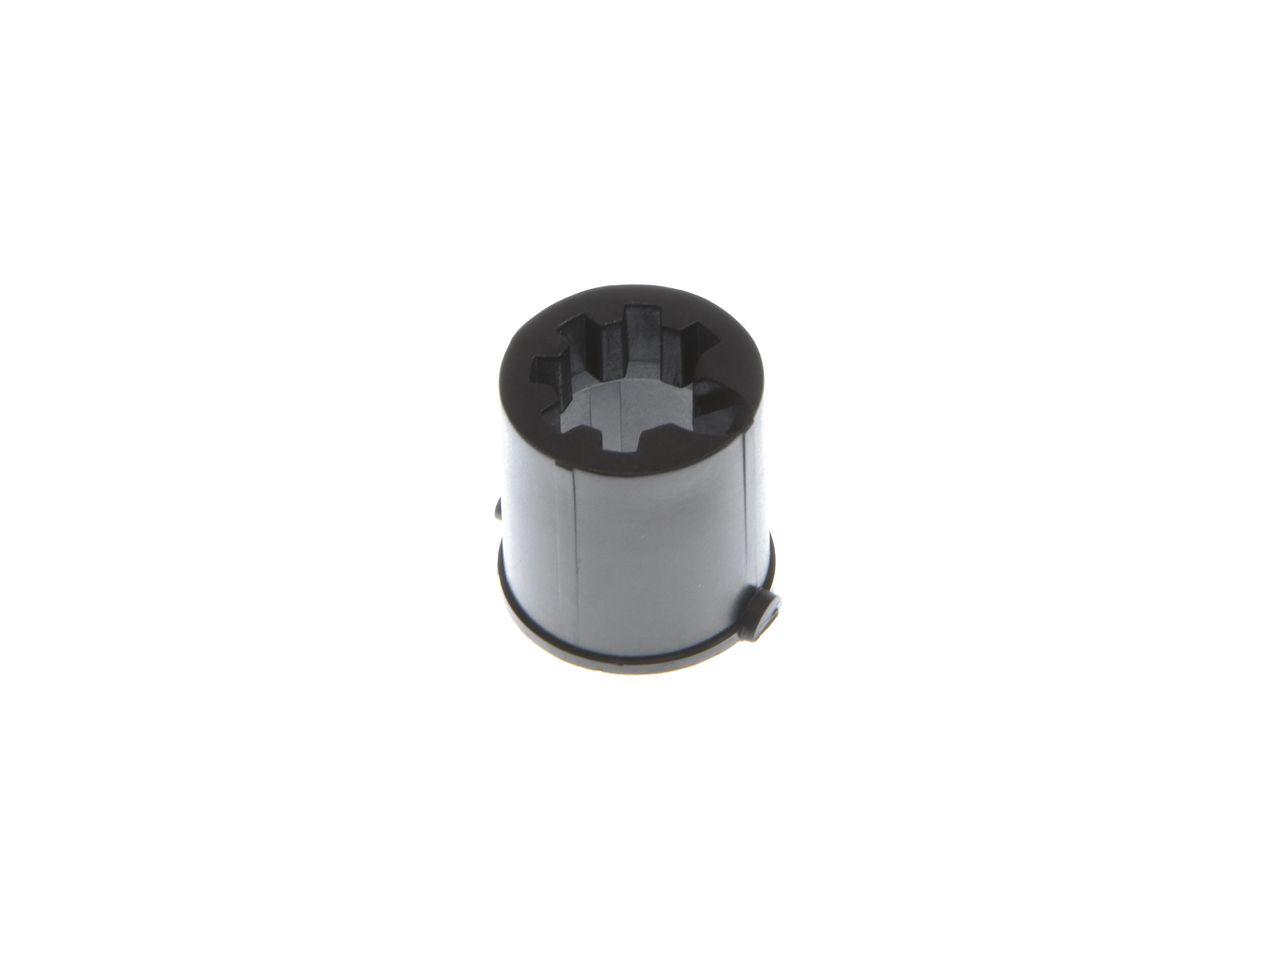 VFC HK416 GBBR V2プラスティックチャンバー(VG2CHOP080)